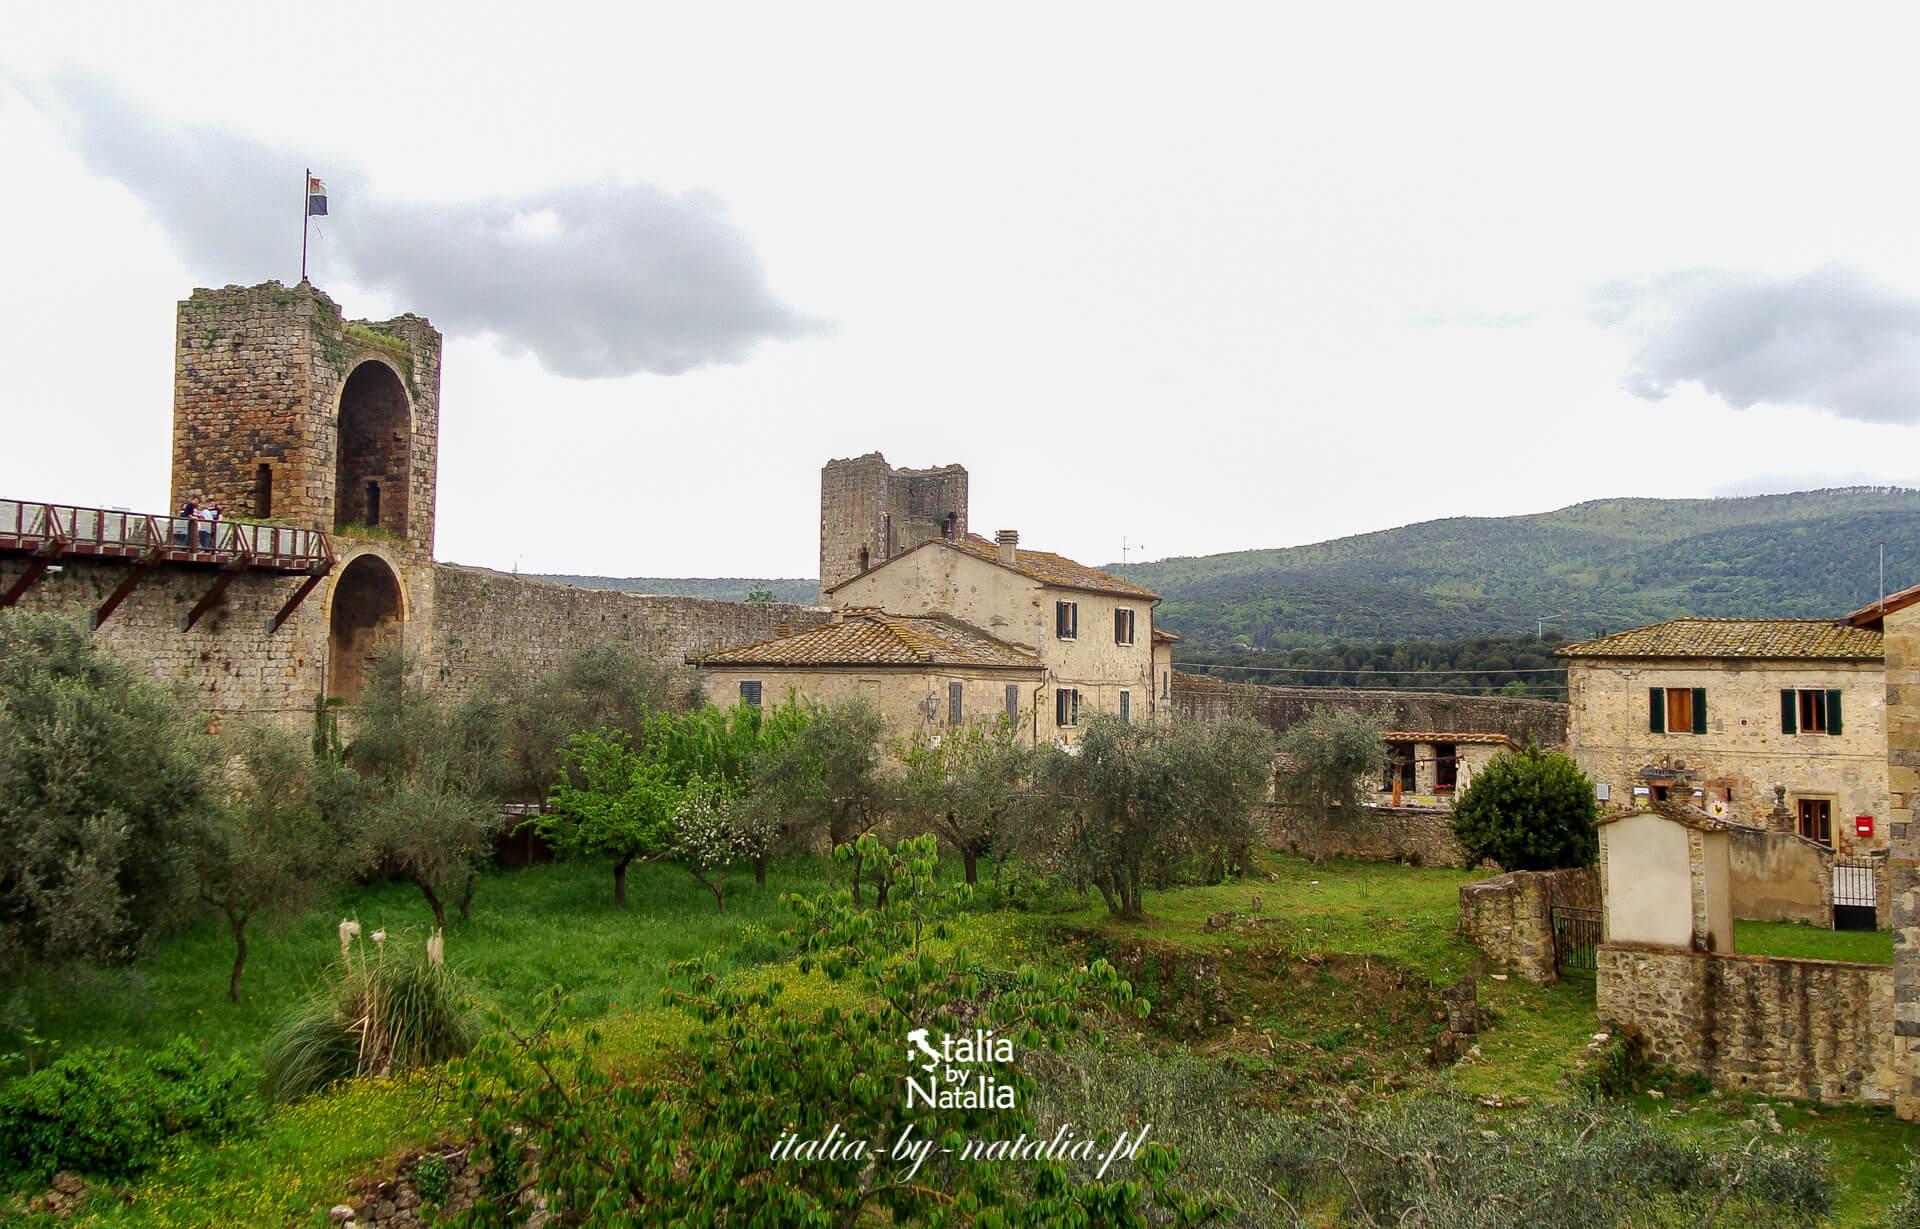 Monteriggioni - dawna forteca Sieny, dziś malowniczo położone miasteczko w sercu Toskanii